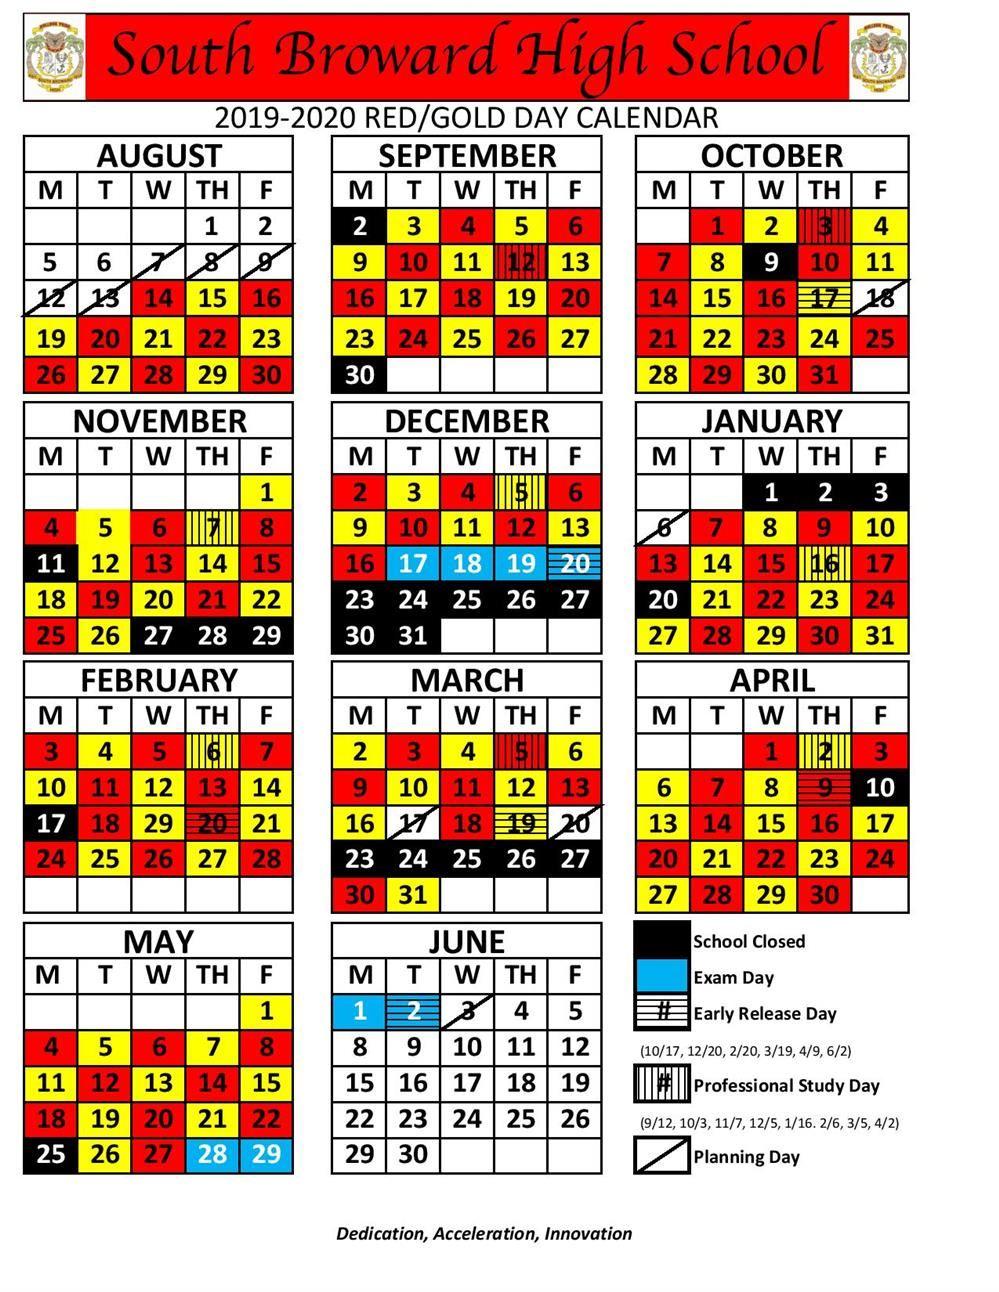 School Info / Bell Schedule Regarding West Hills High School Calendar